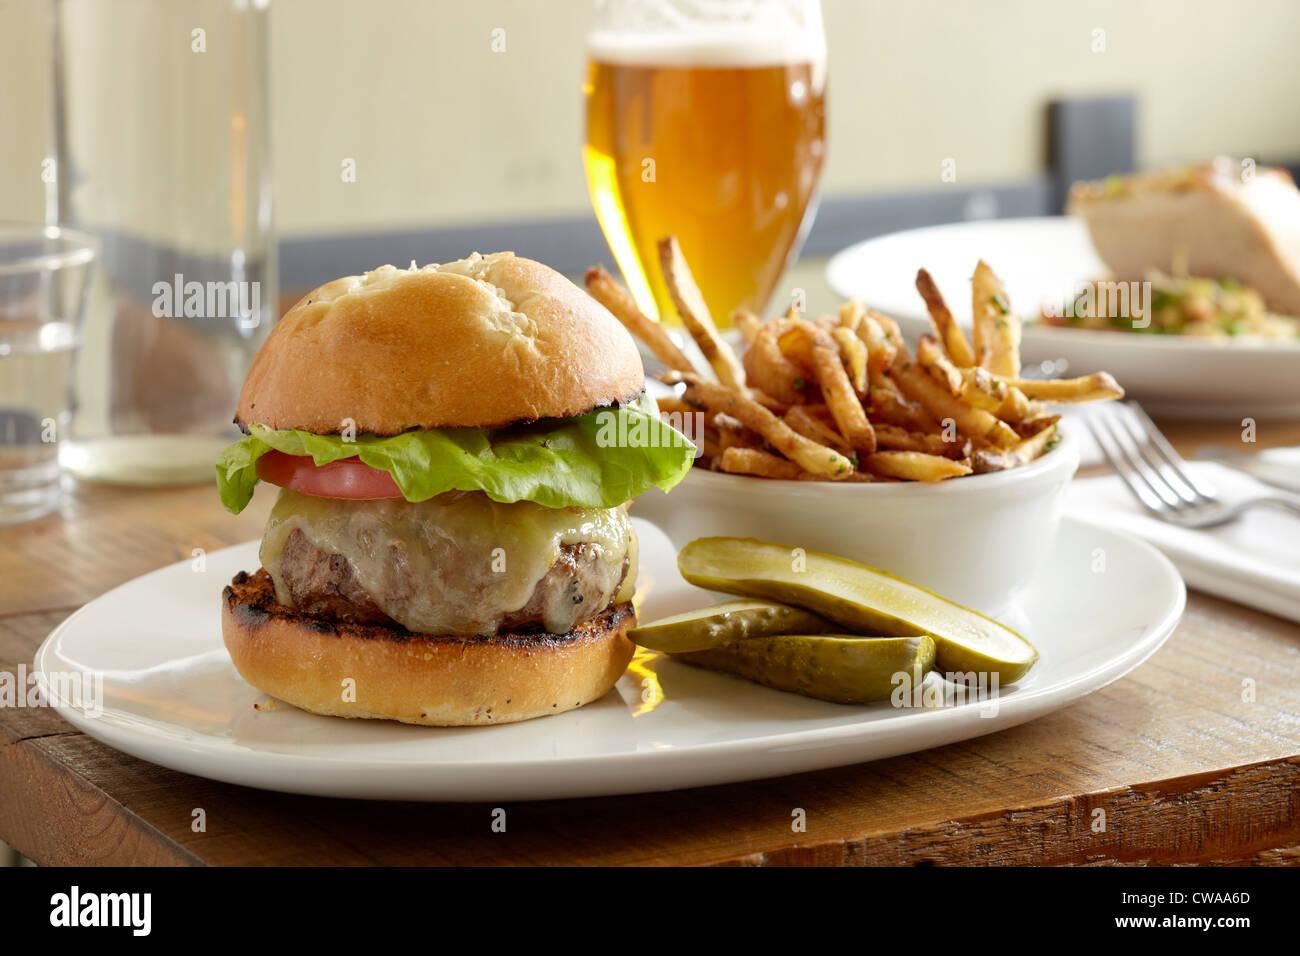 Hamburguesa y patatas fritas Imagen De Stock